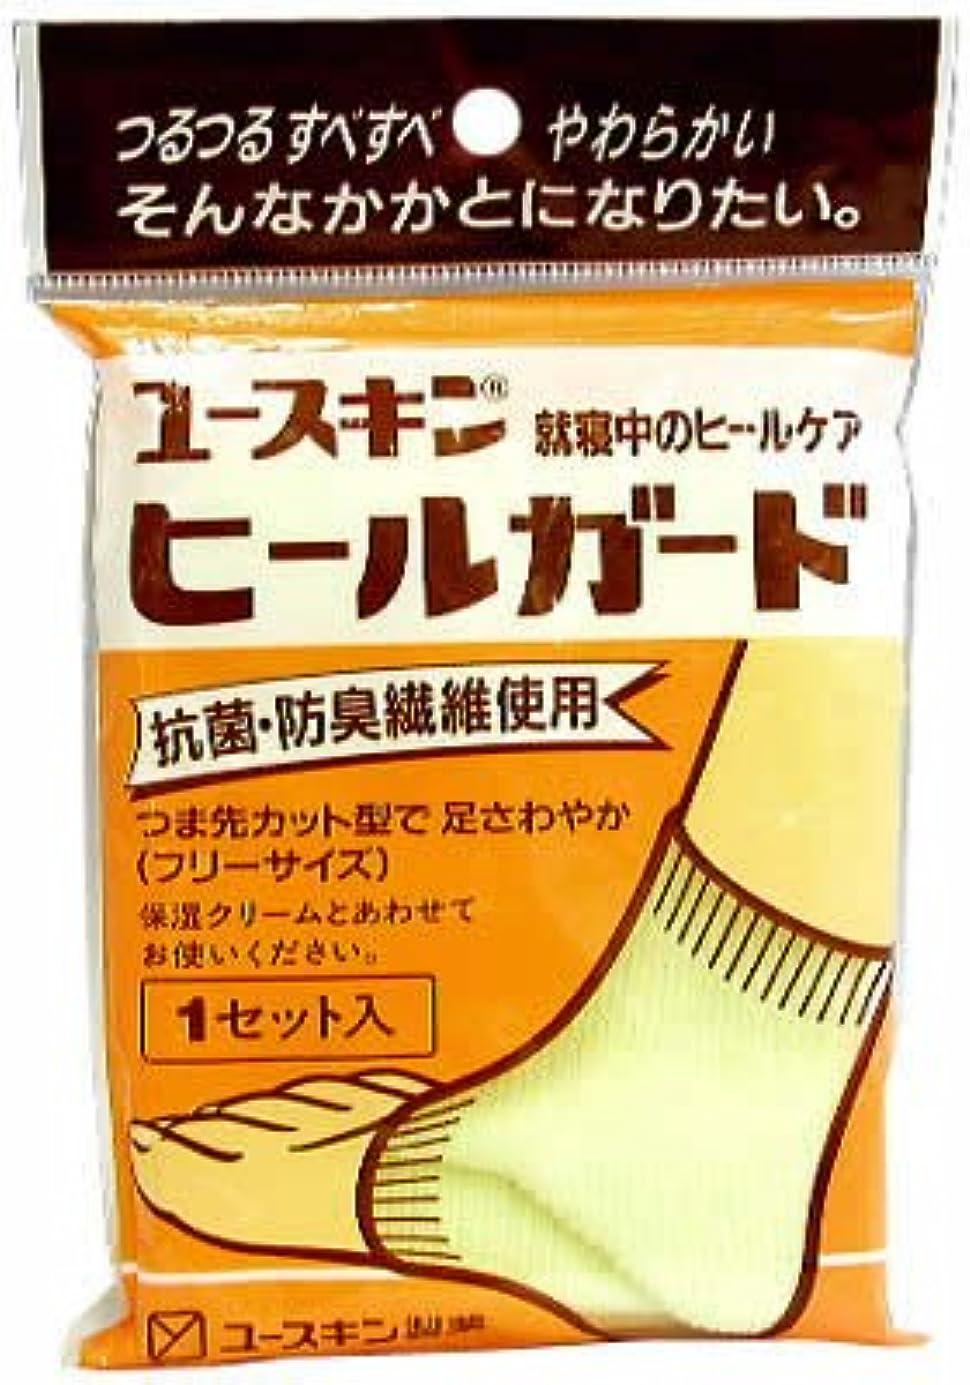 挽くおじさんのホストユースキン ヒールガード 1組(2枚) (かかと専用靴下)